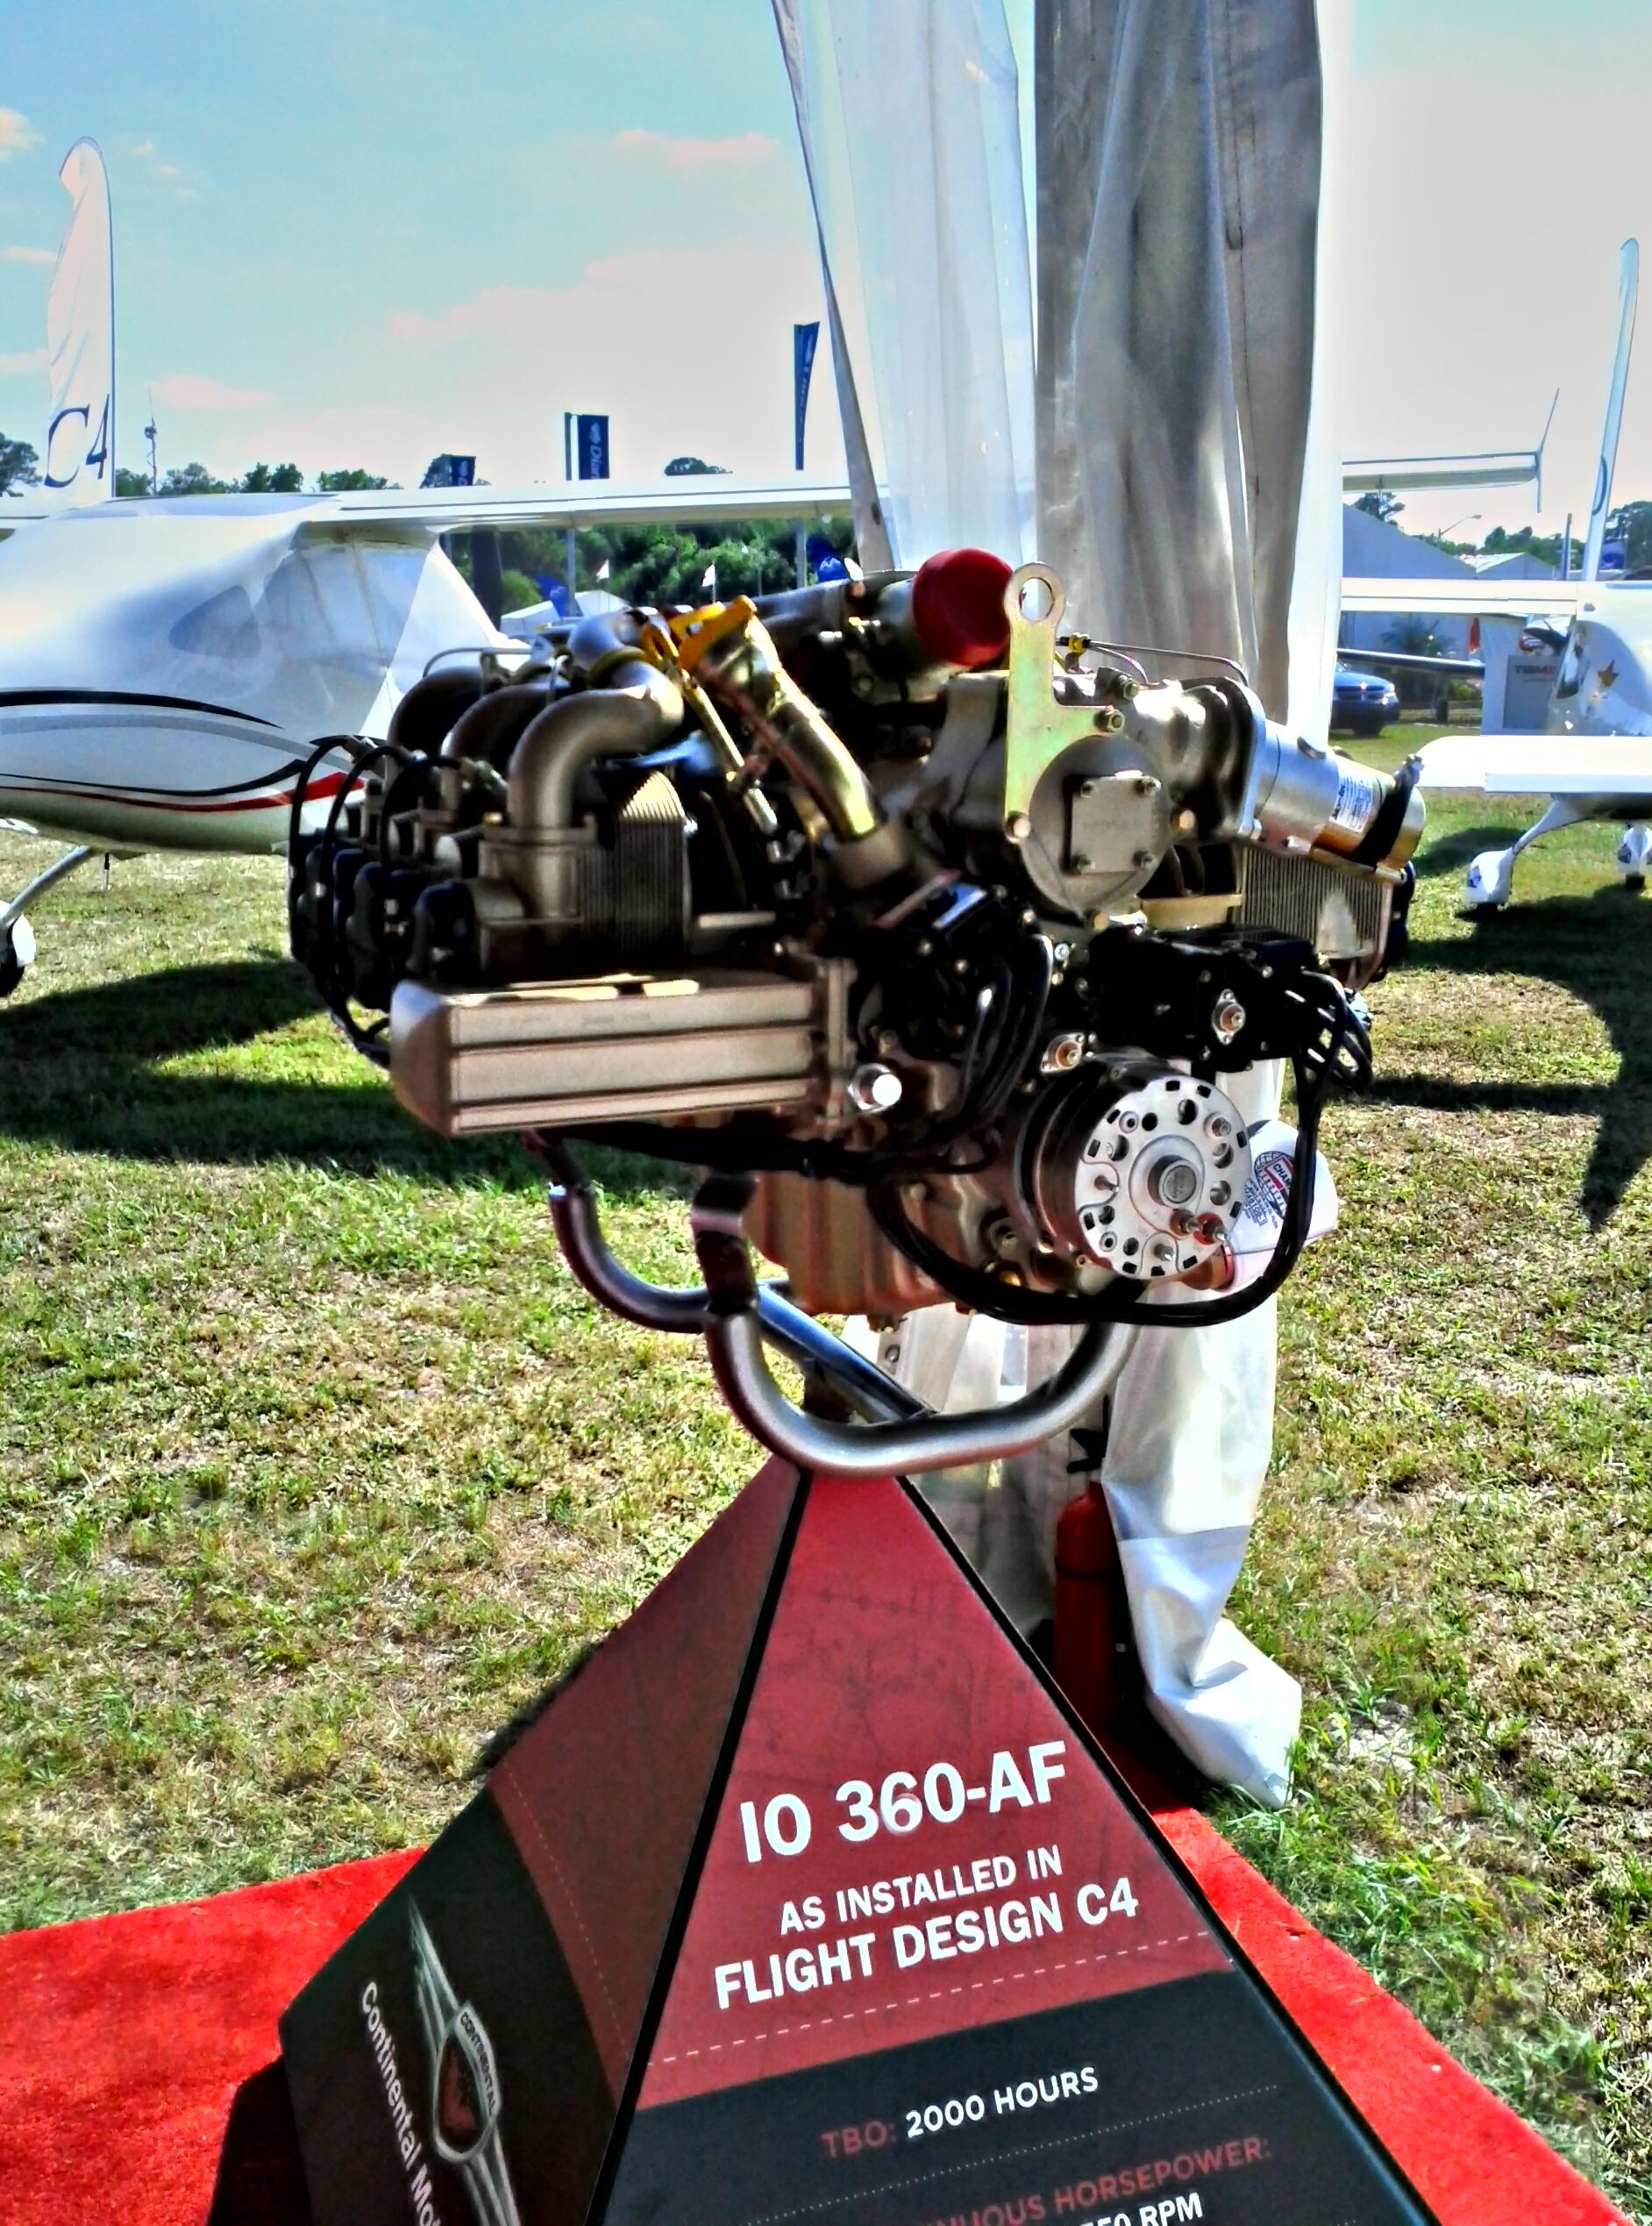 Continental IO 360- AF Engine